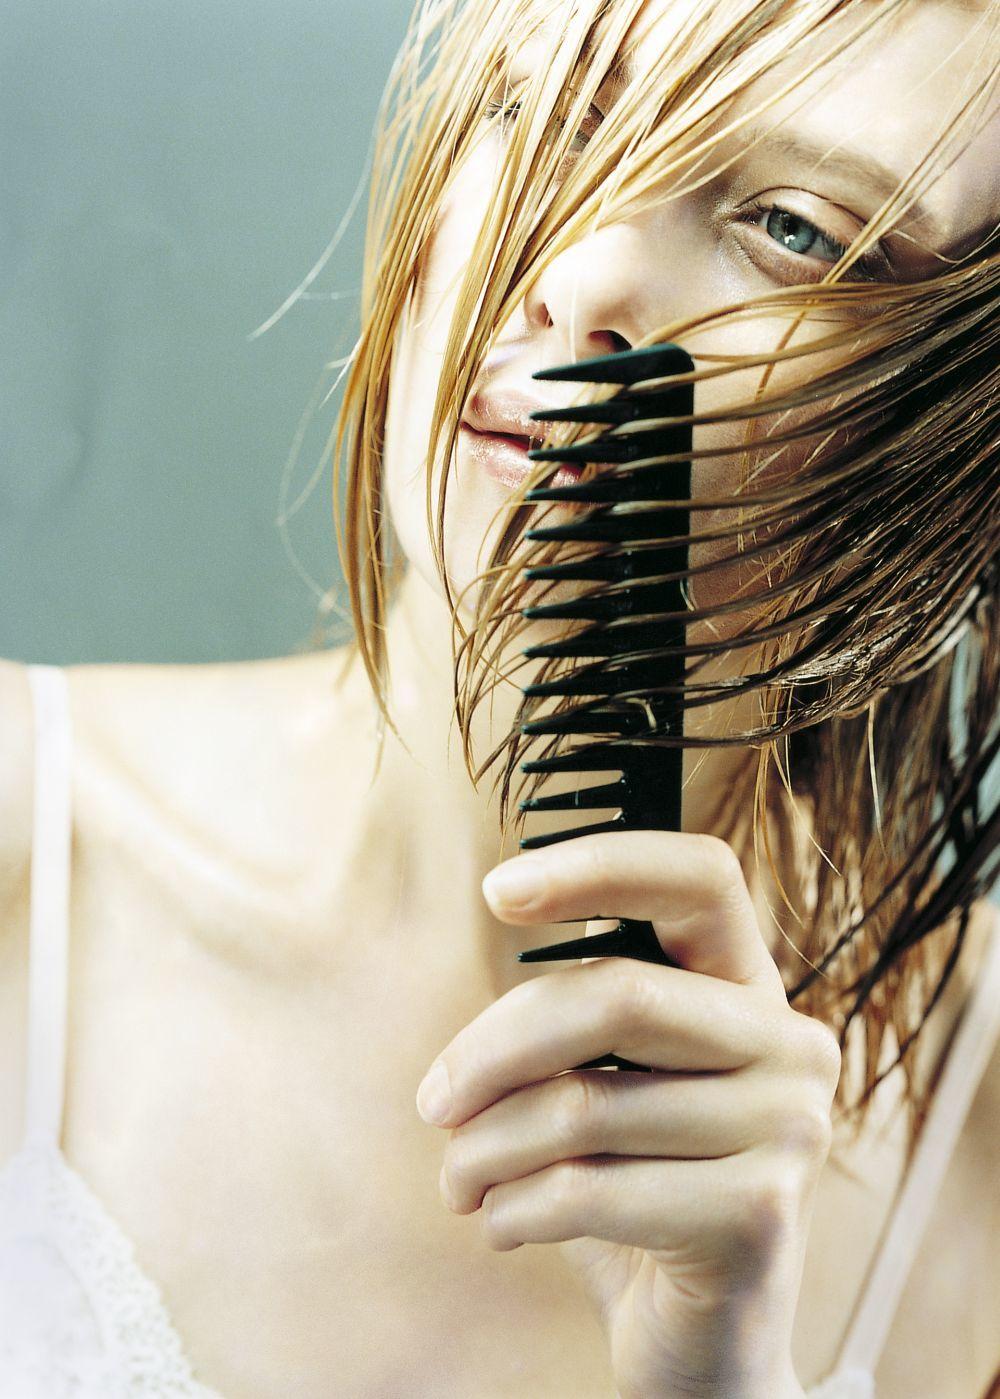 Si tu pelo es fino, y quieres darle volumen, utiliza champús y otros...